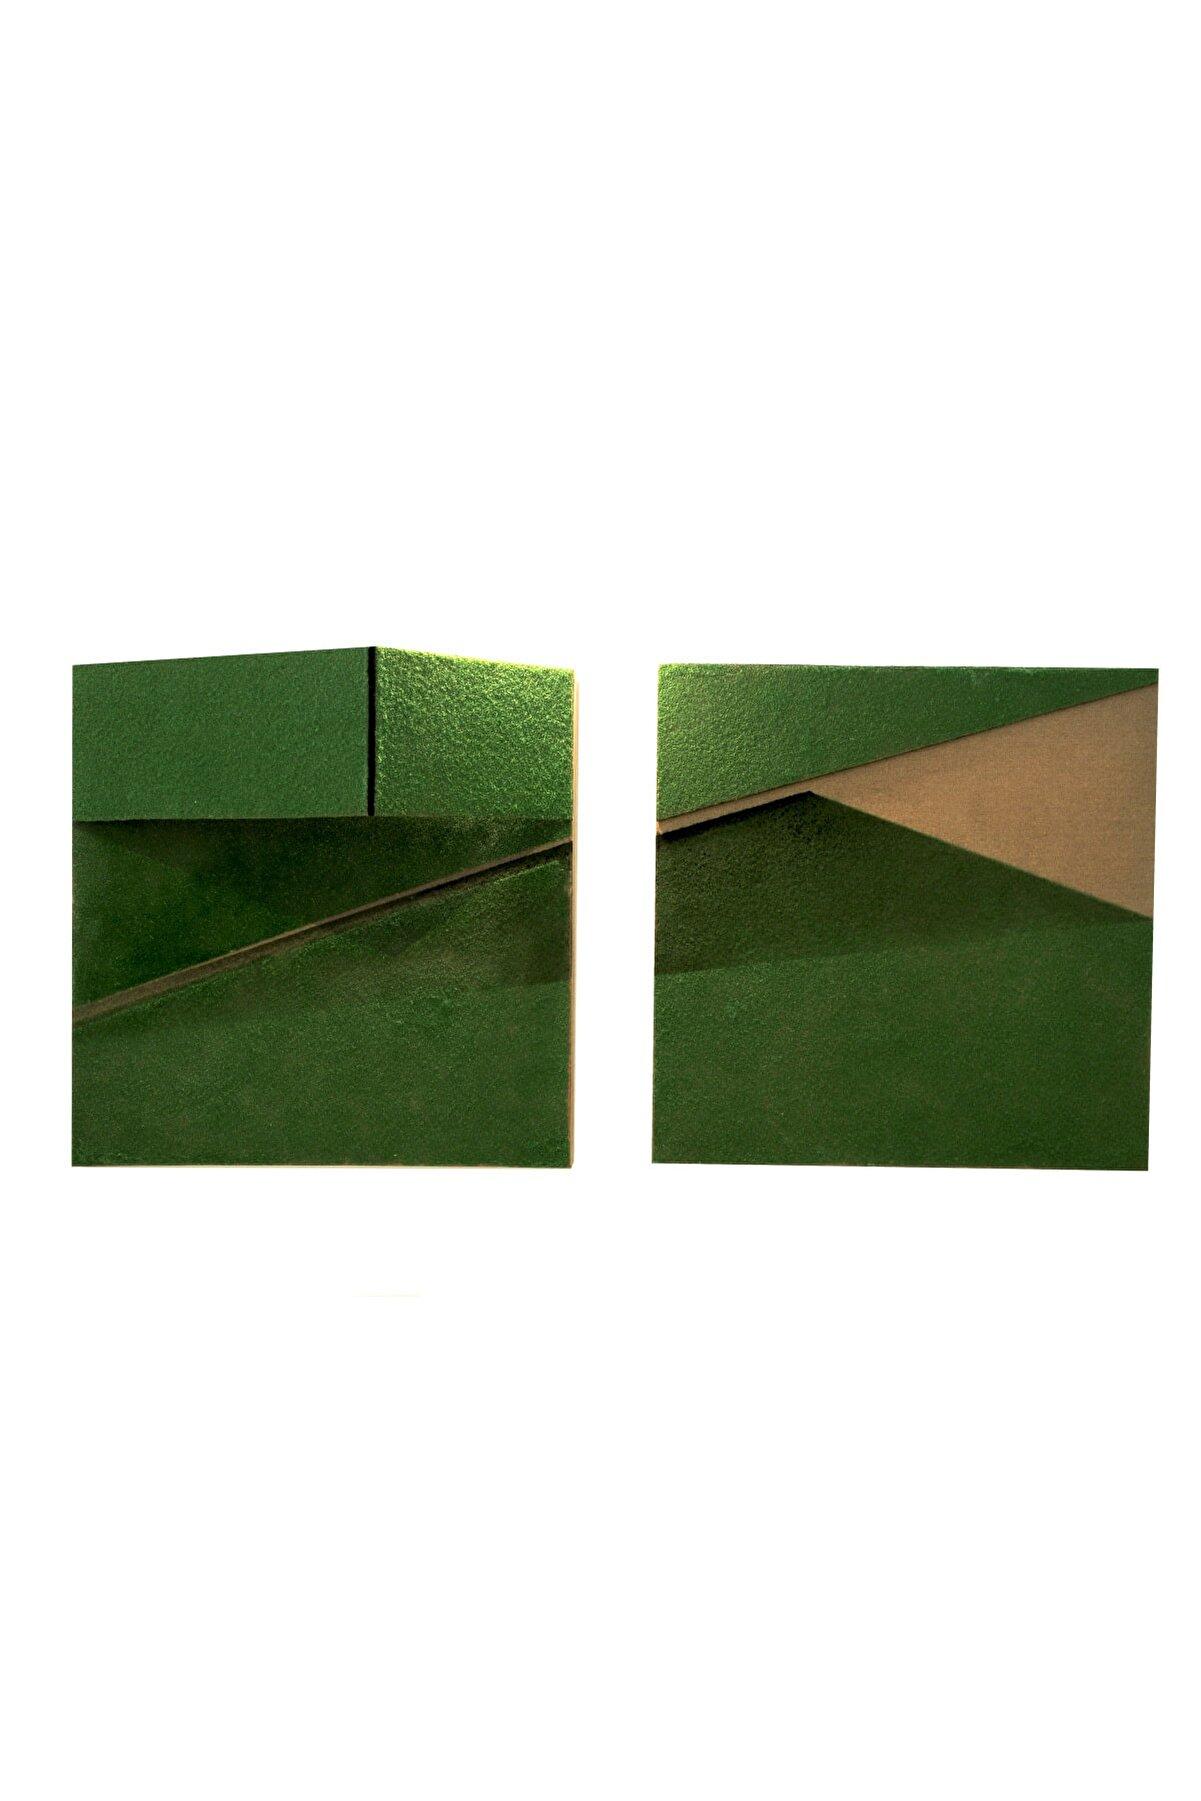 Elif Köse Gölge 3, 50x110x13, Tuval Üzerine Karışık Teknik